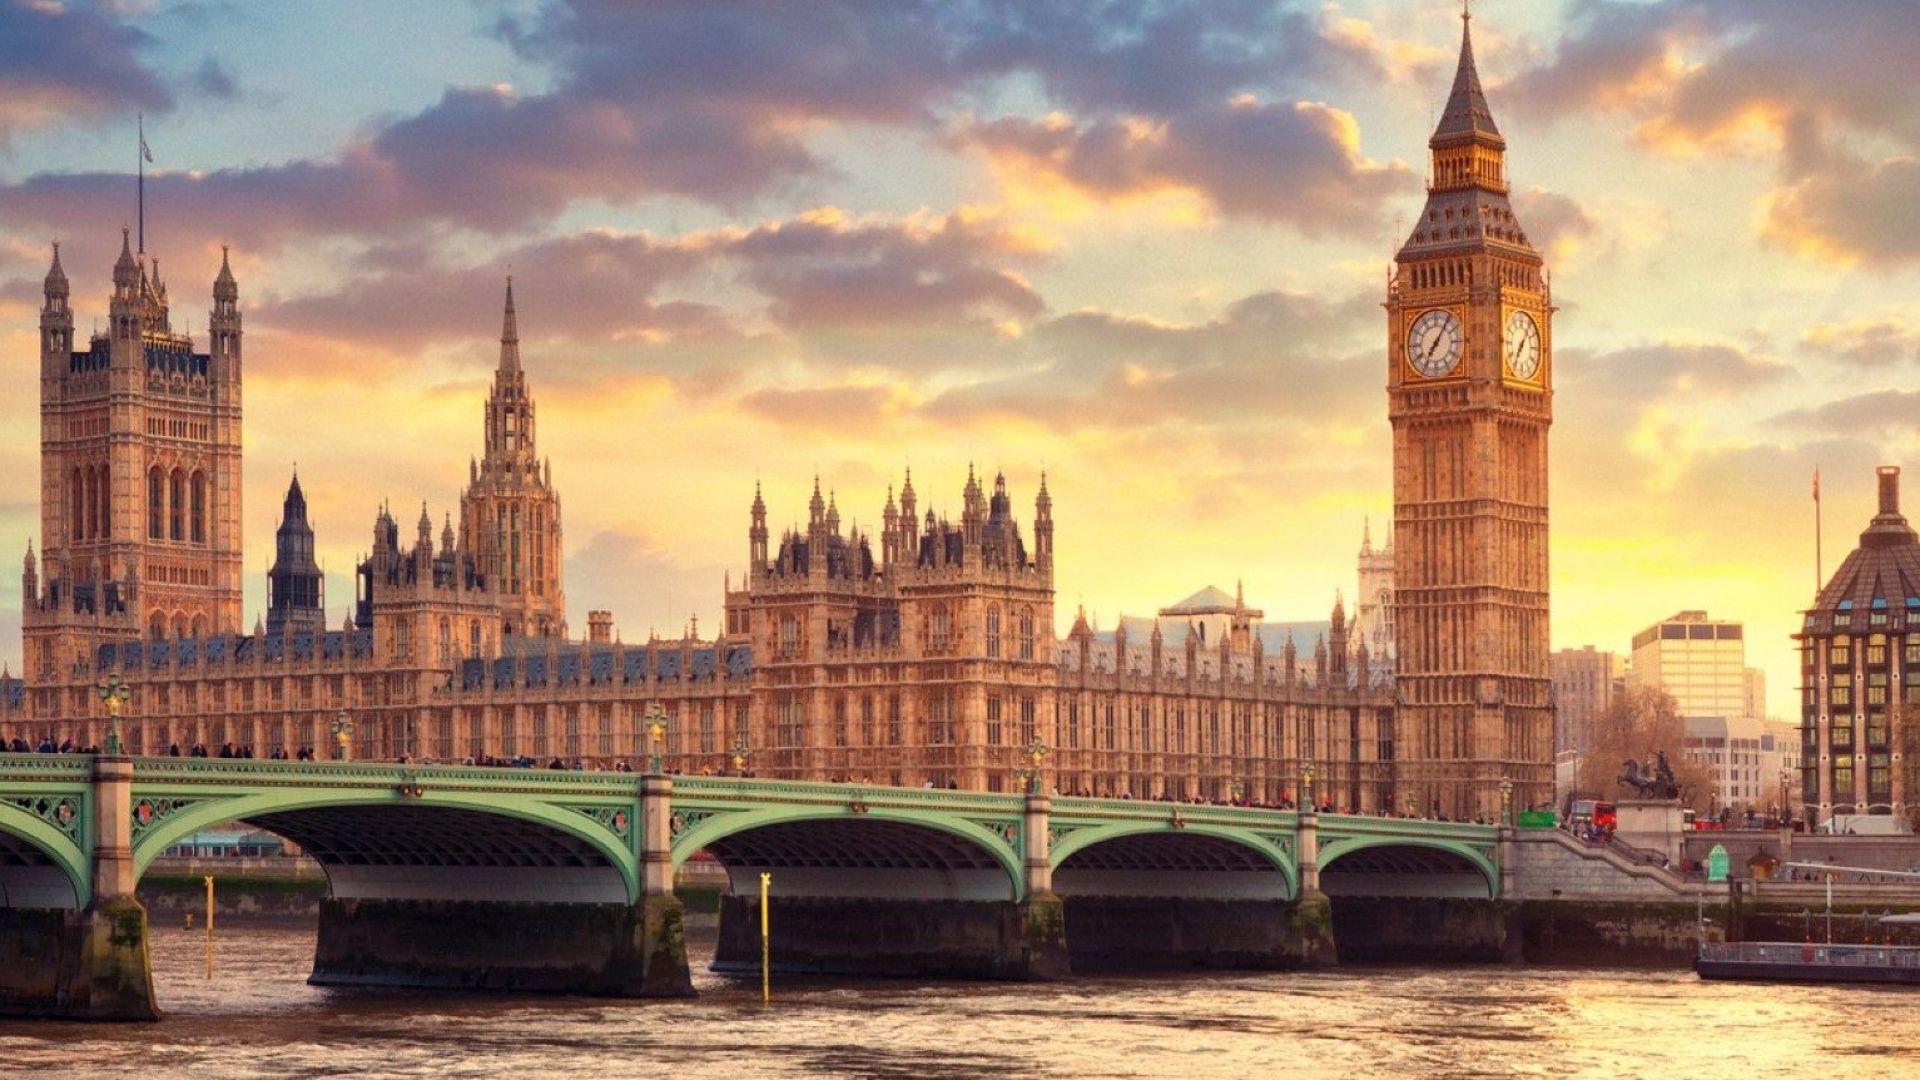 Временно българи ще могат да кандидатстват за статут на уседналост във Великобритания